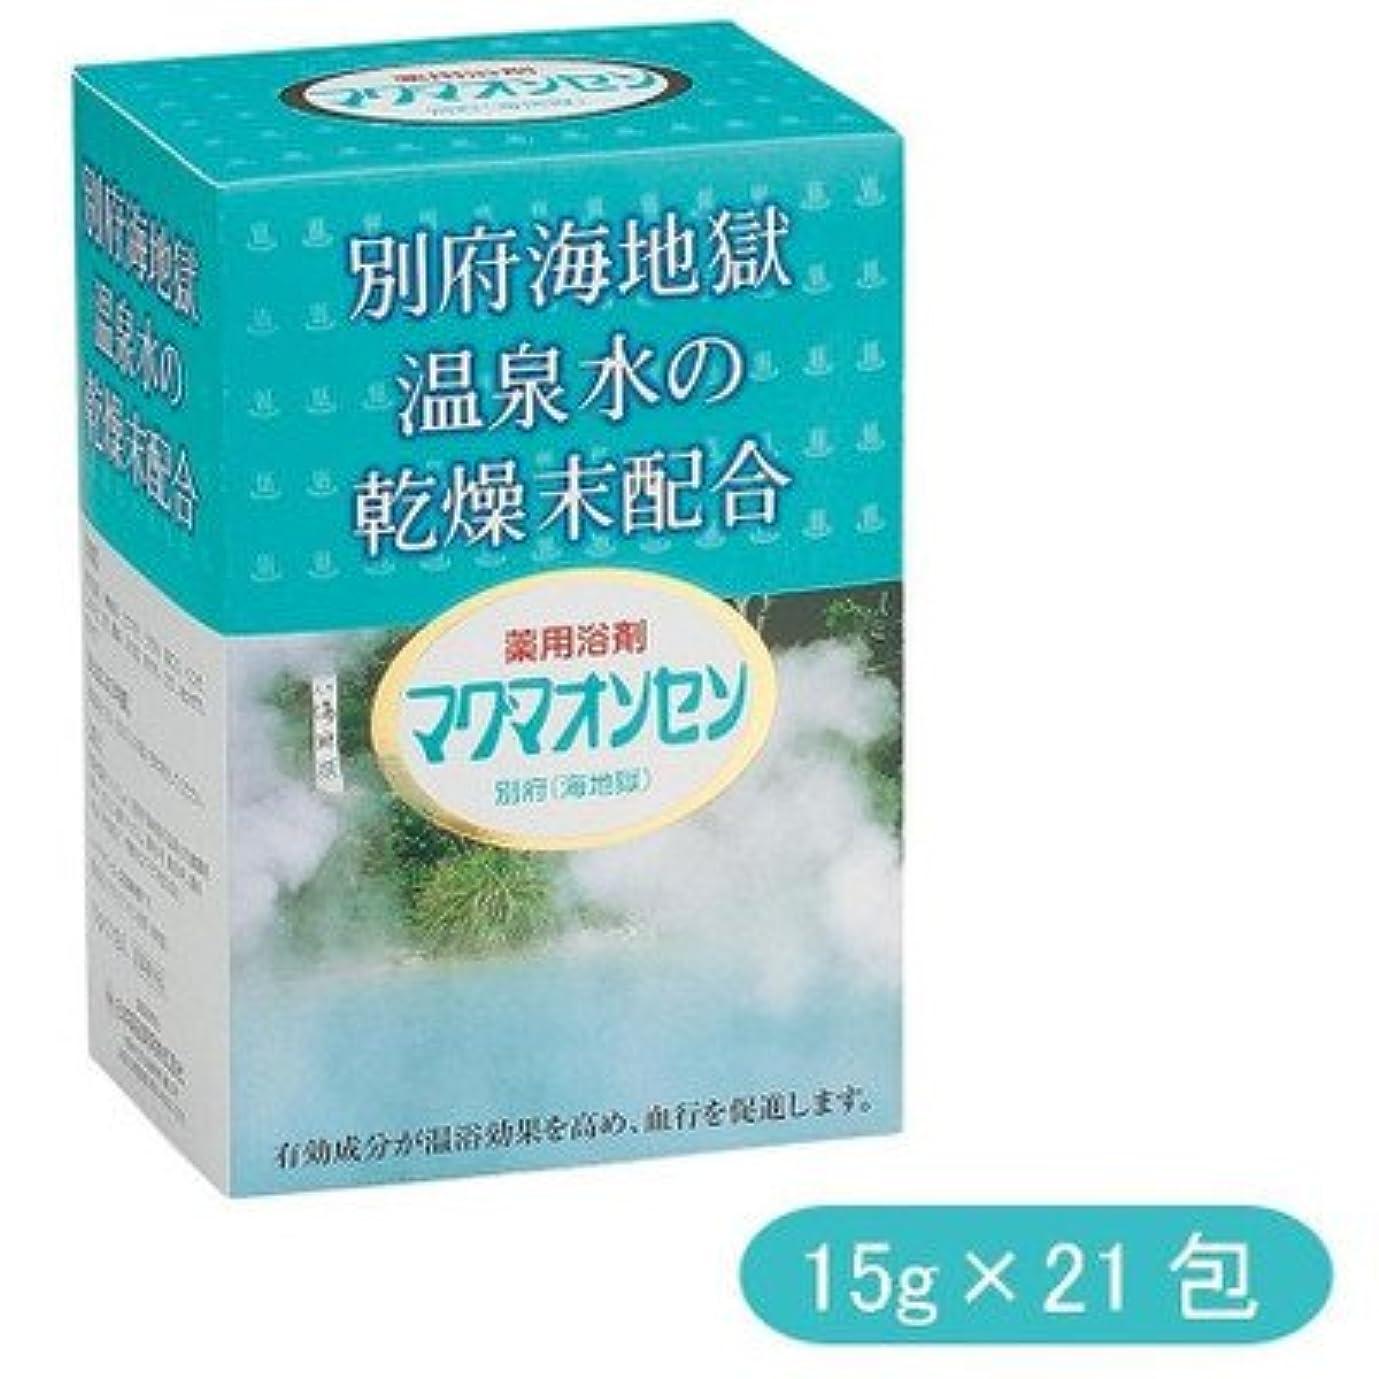 また明日ね休眠ダブル日本薬品開発 医薬部外品 薬用入浴剤 マグマオンセン 15g×21P 800770